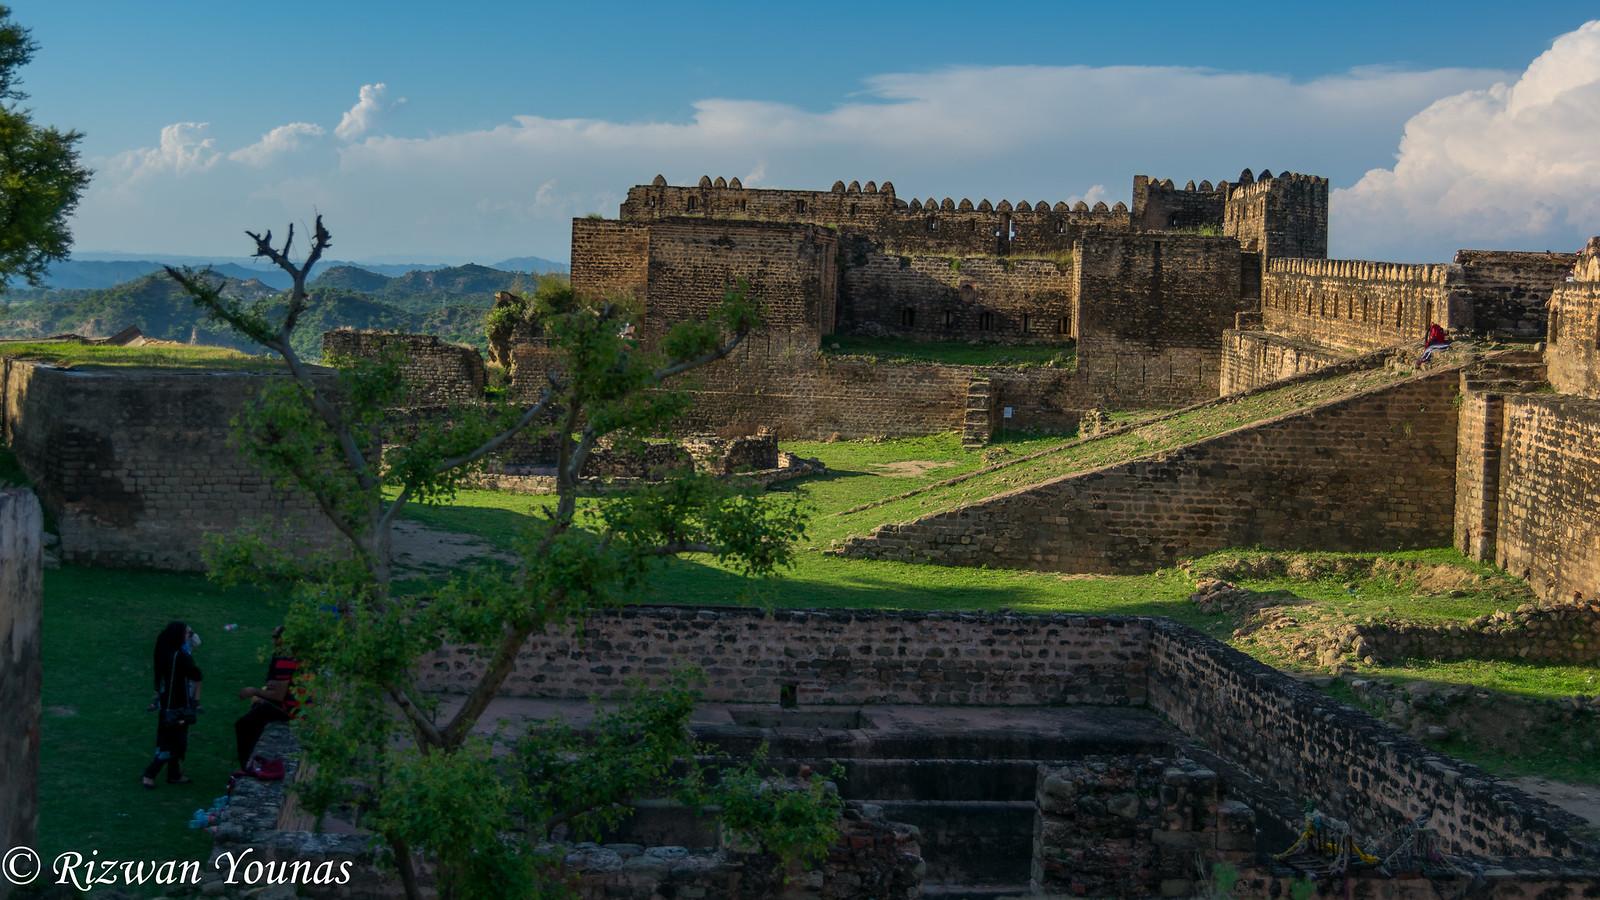 File:Ramkot Fort Mangla.jpg - Wikimedia Commons